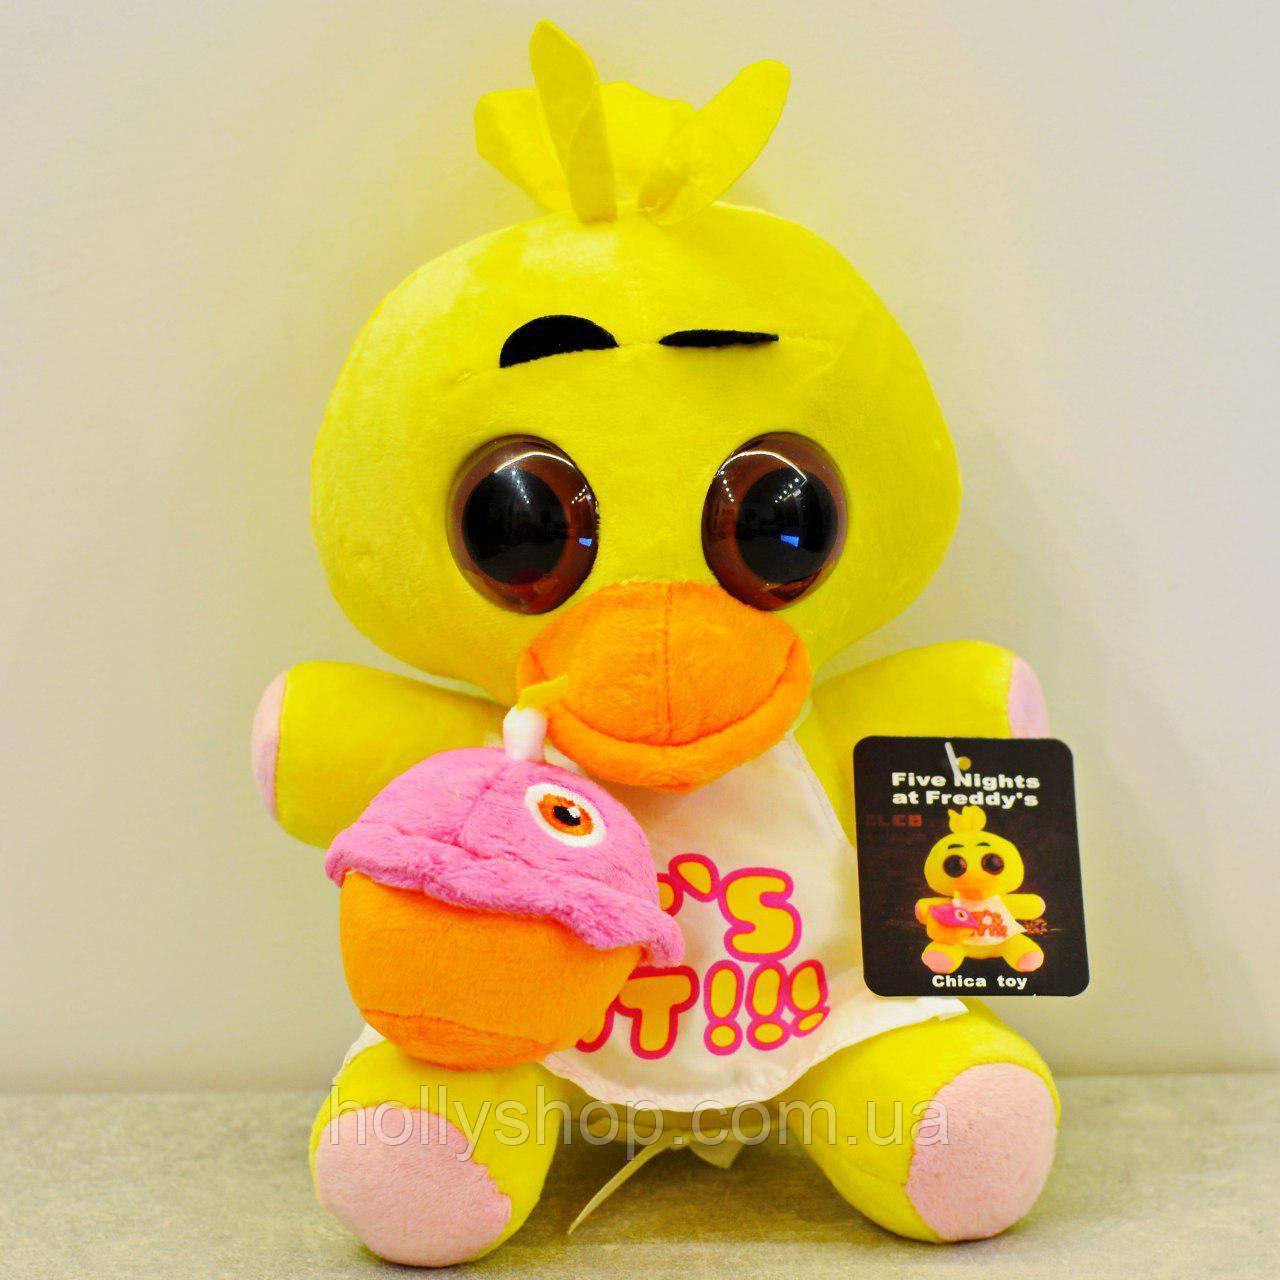 Мягкая игрушка Пять ночей с Фредди, FNaF - Chica Чика 25см